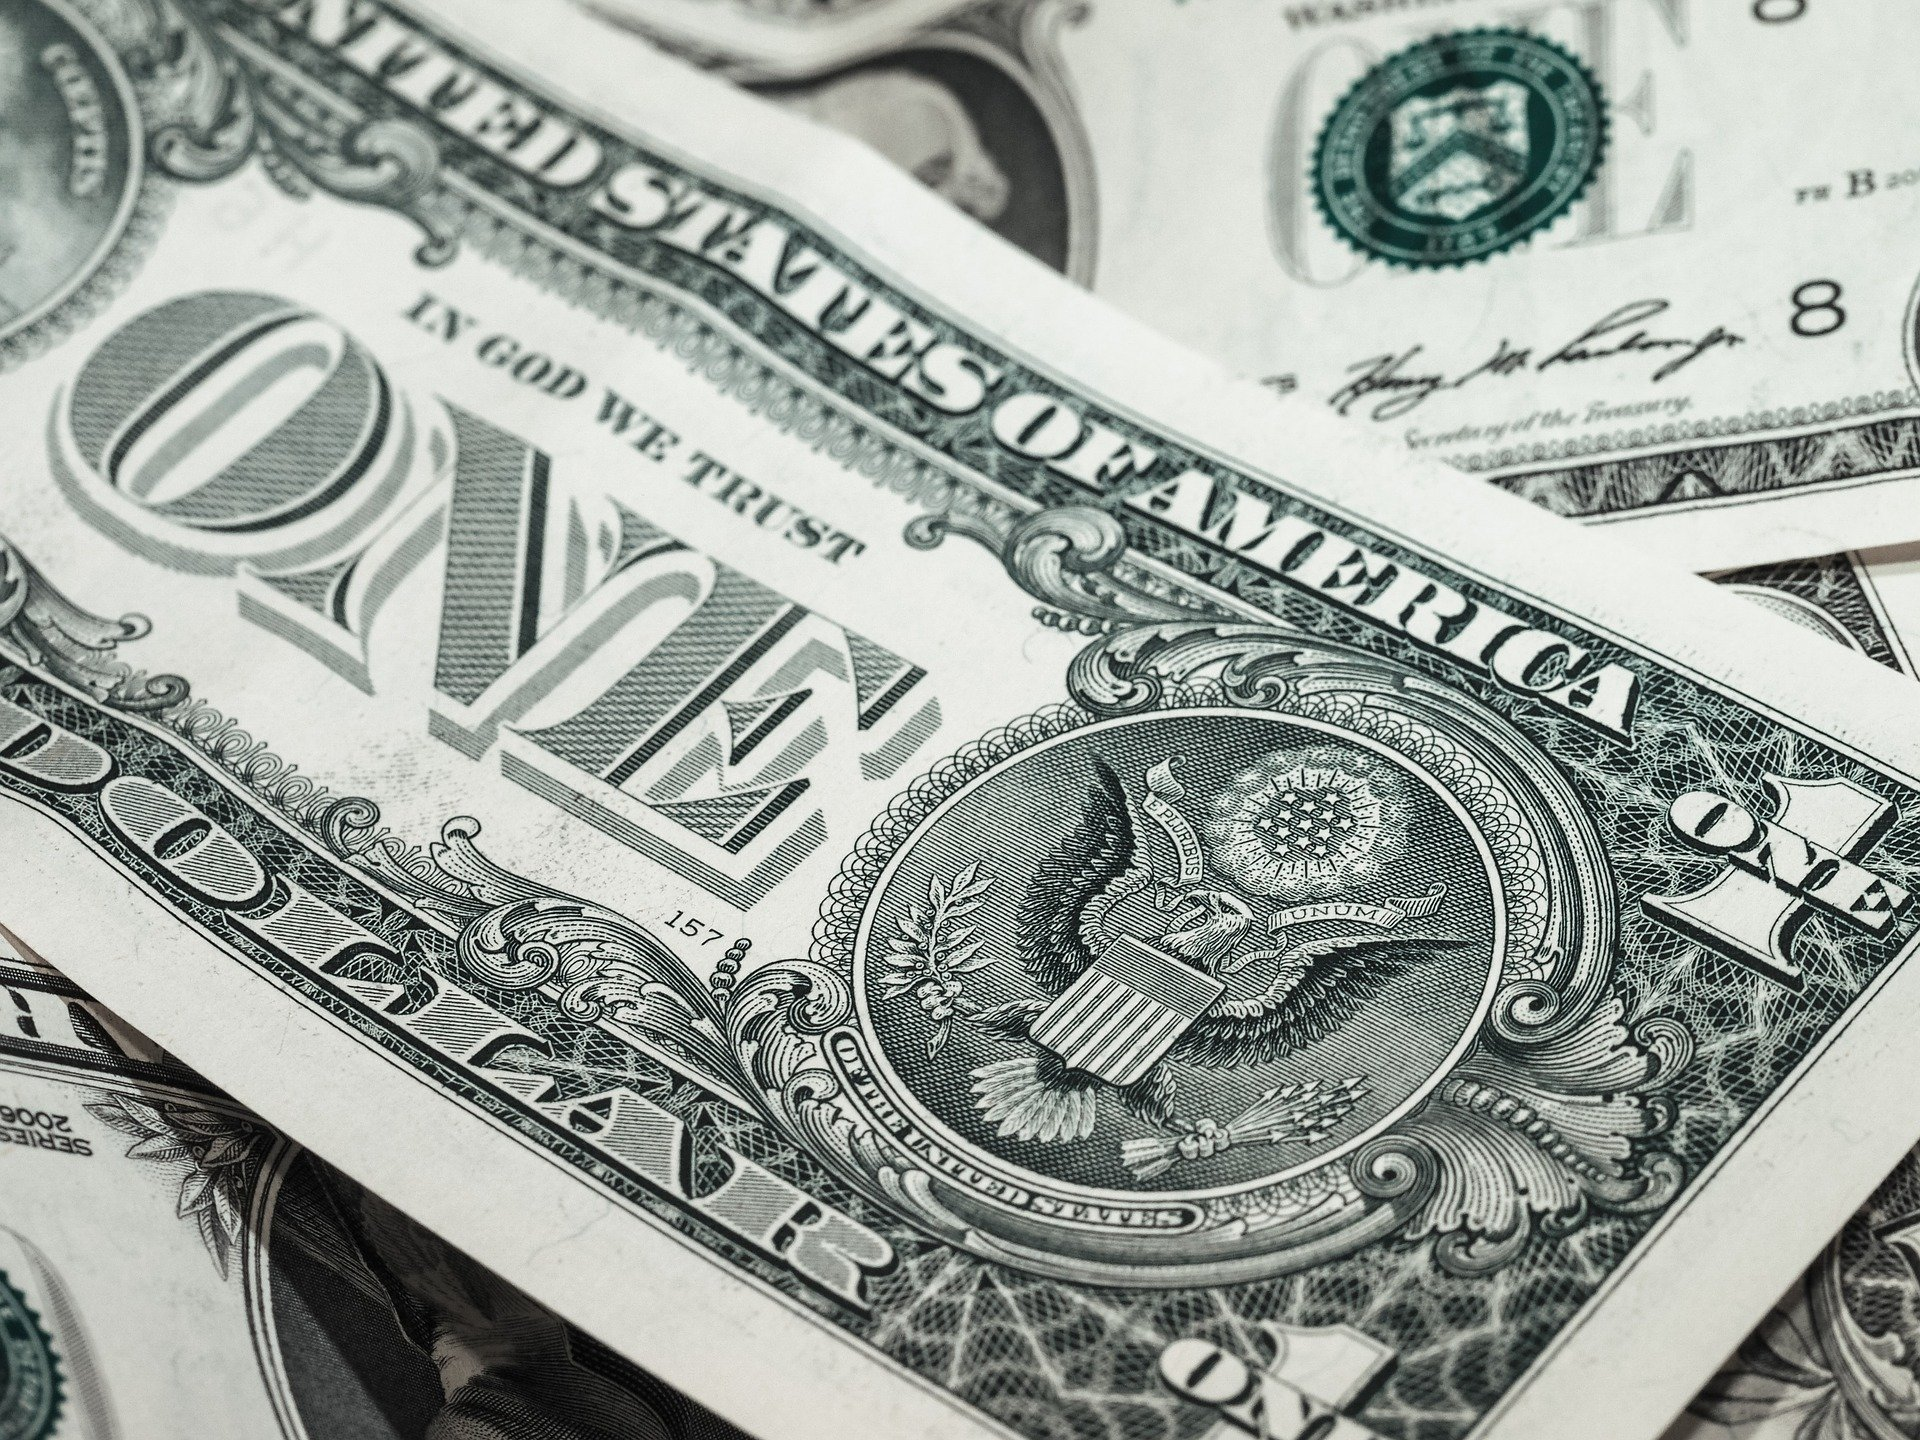 (Bolsa recuperou-se de perdas recentes e teve forte alta. Foto: Reprodução/Pixabay)